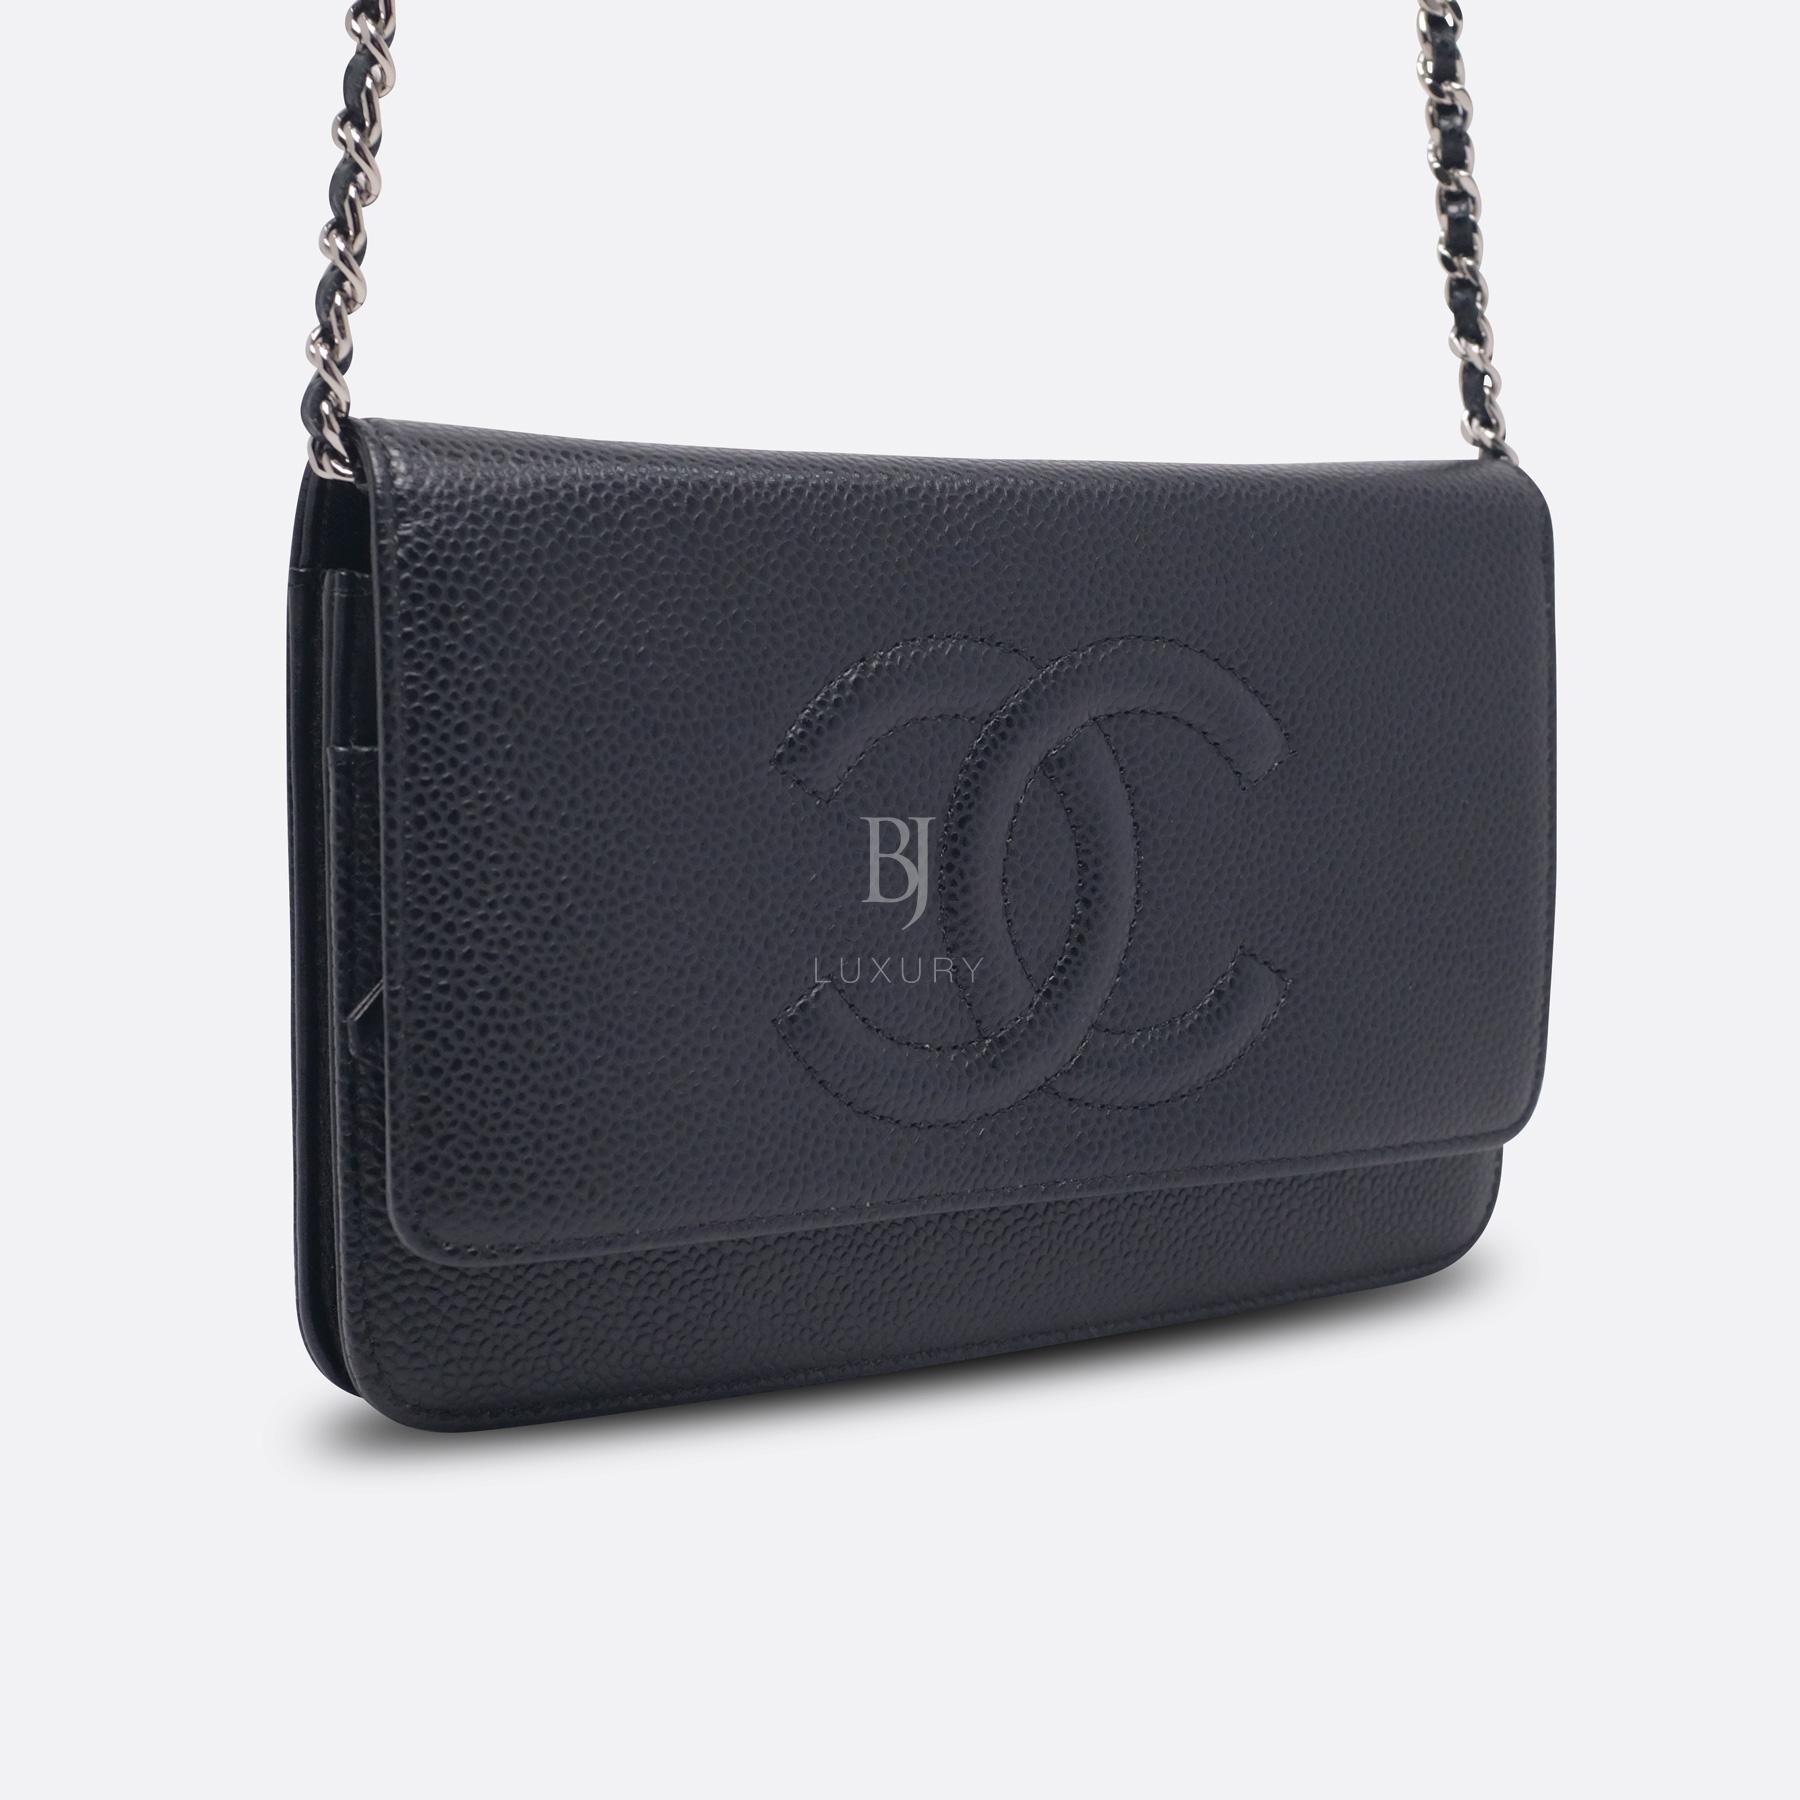 Chanel Wallet on Chain Caviar Silver Black BJ Luxury 2.jpg